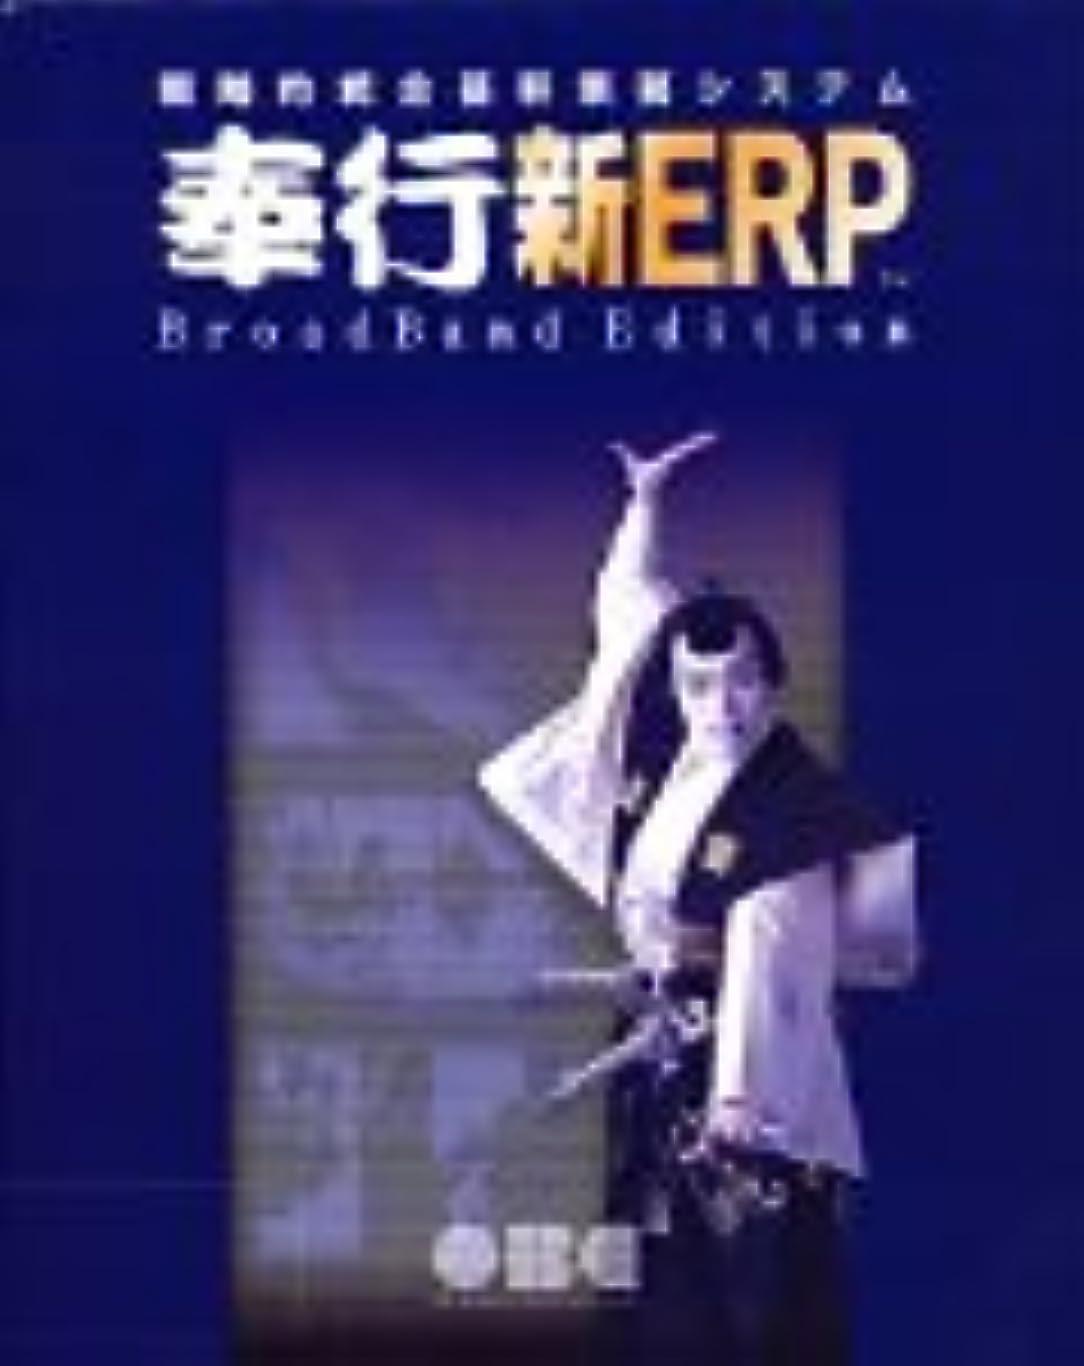 プレーヤーバナーモノグラフ商奉行蔵奉行 21 新ERP BroadBand Edition for Windows 10ライセンス